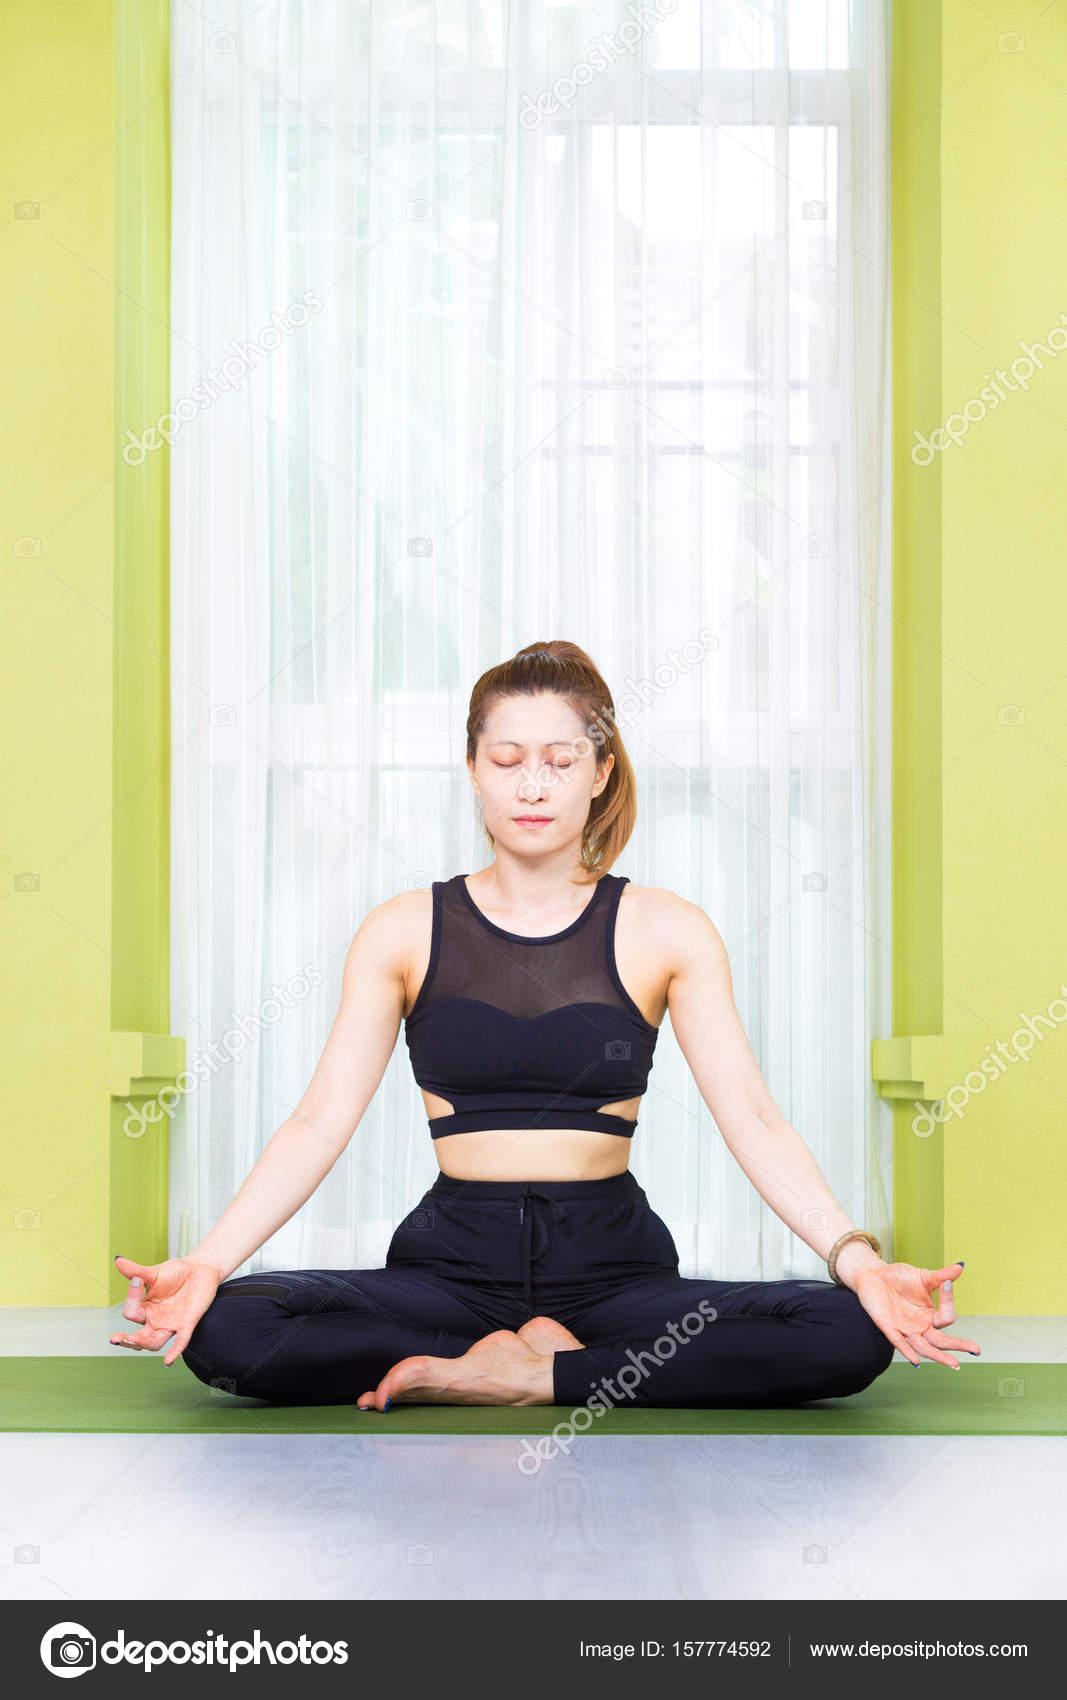 b81ad7ce4367 Giovane donna asiatica felice attraente in attrezzatura nera pratica ha–  immagine stock